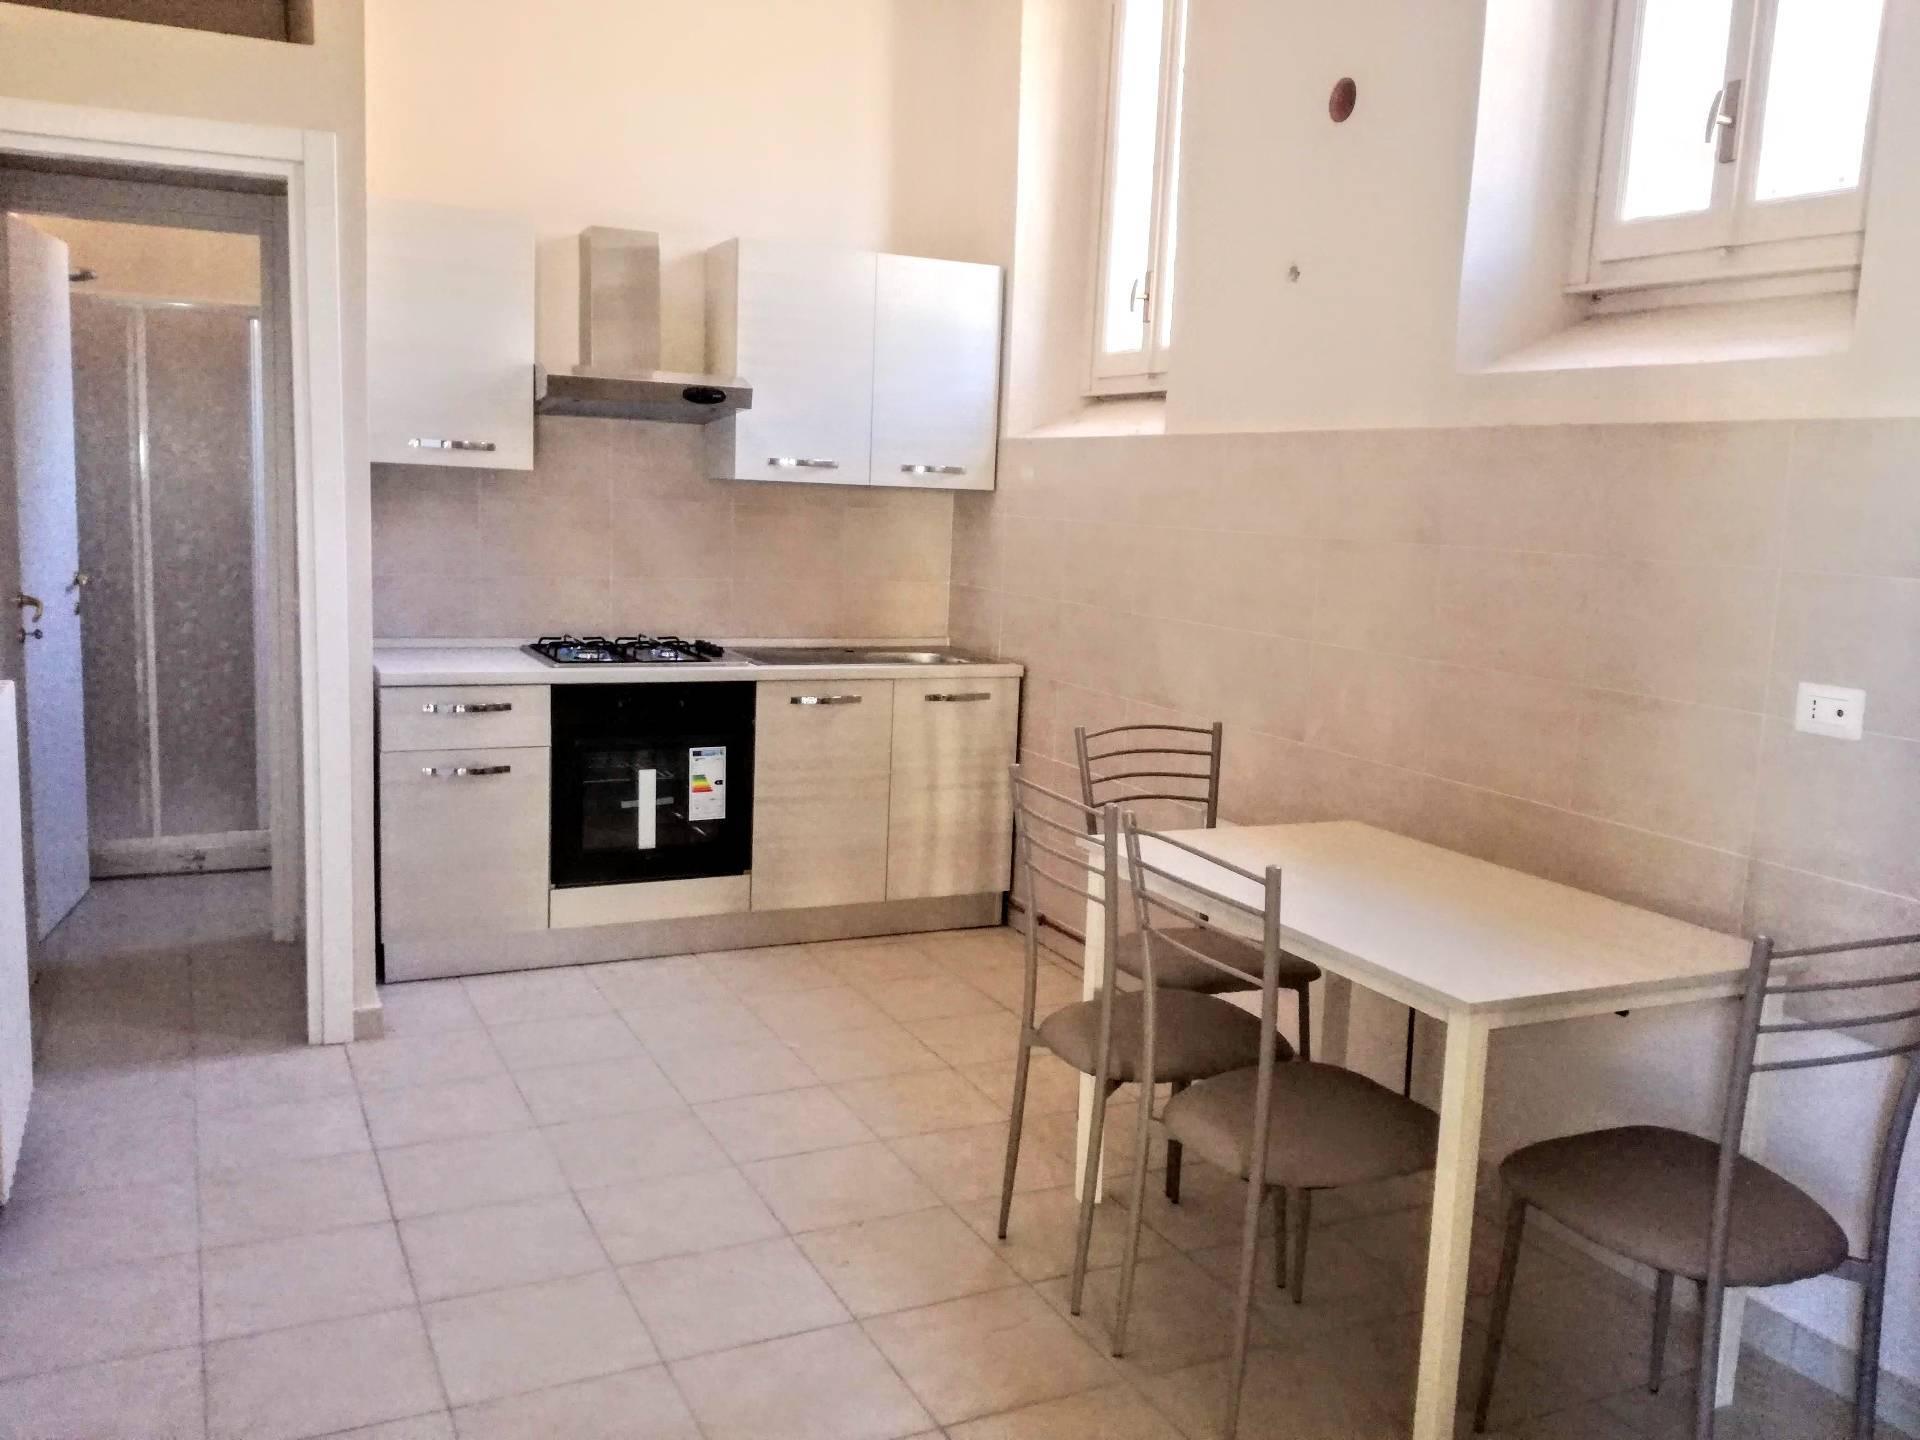 Appartamento in affitto a Casale Monferrato, 3 locali, prezzo € 450 | PortaleAgenzieImmobiliari.it